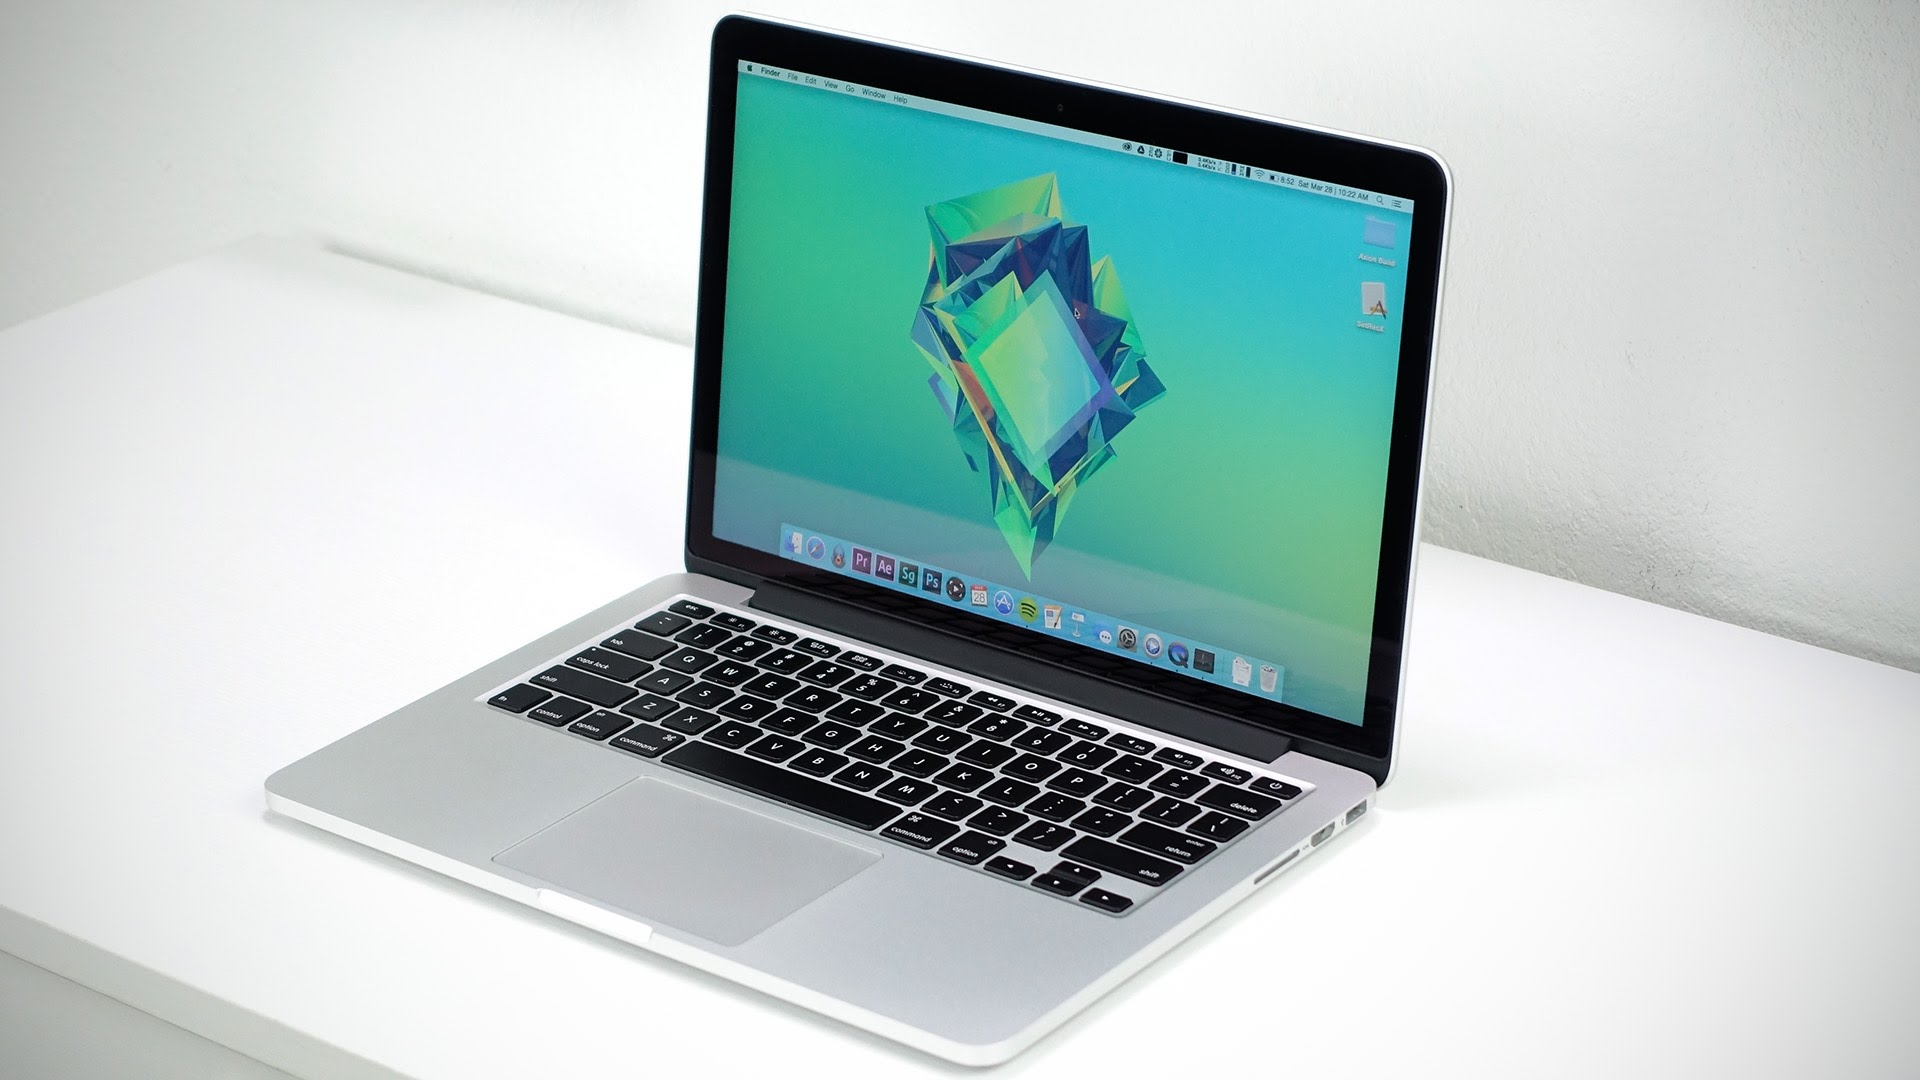 In arrivo i nuovi MacBook Pro